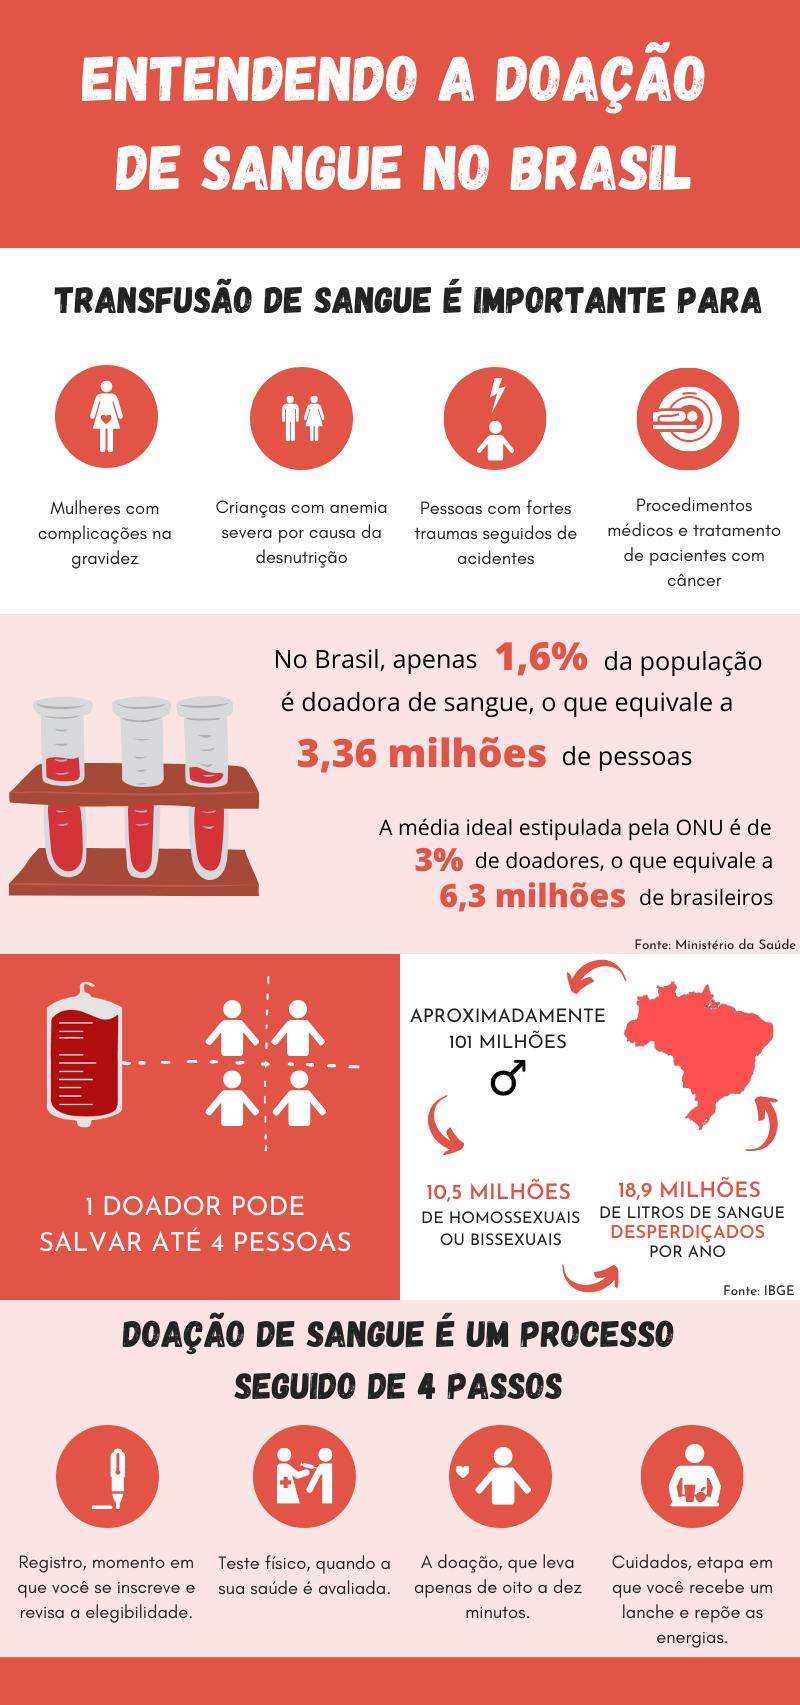 A doação de sangue no Brasil l Por: Bárbara Negrini, Letícia Rivoli e Rogério Fontes